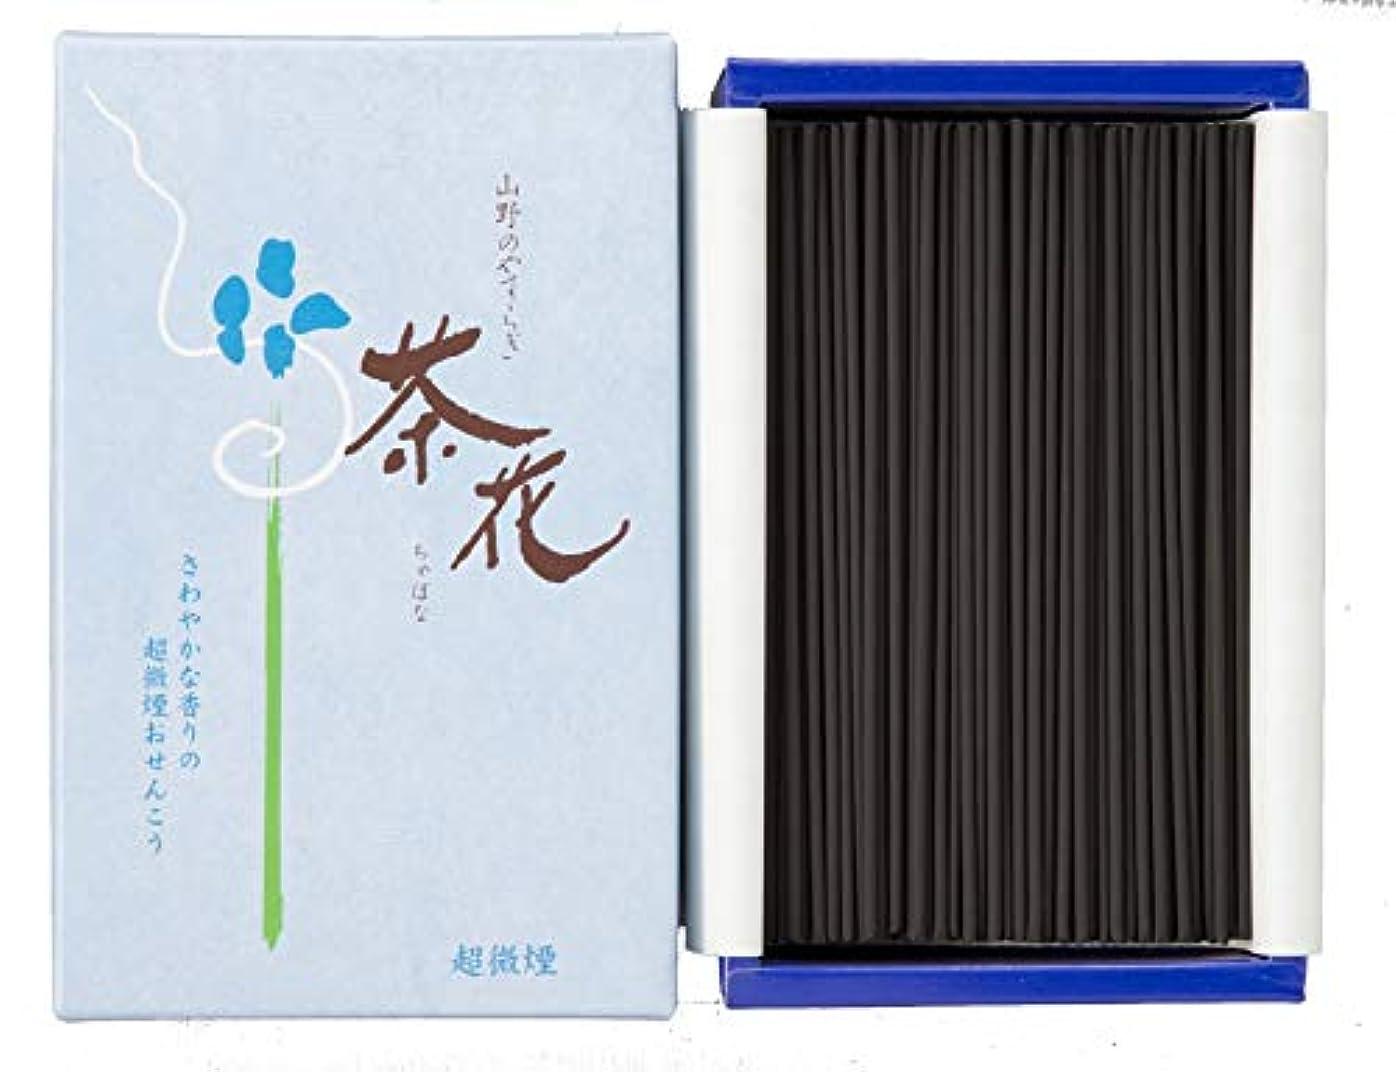 背が高いサンダースコットン尚林堂 茶花 超微煙 大型バラ詰 159120-1050